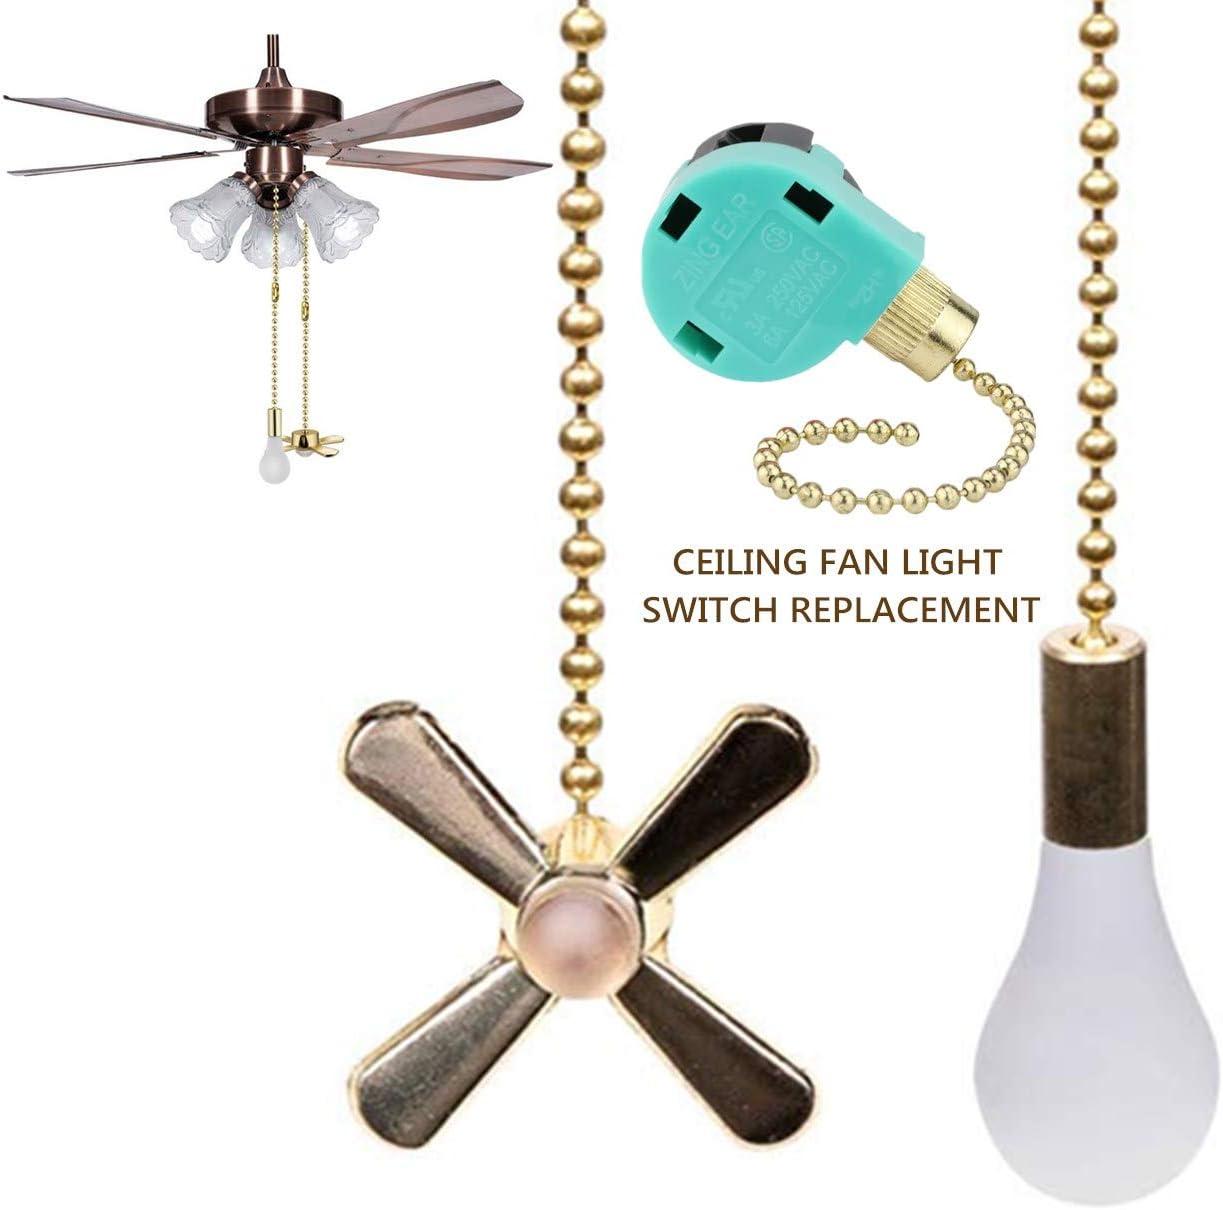 Ceiling Fan Pull Chain Ceiling Fan Switch Ze-268s6 4 Wire Fan Switch Fan Control Switch Zing Ear 4 Wire Fan Switch Brass - -